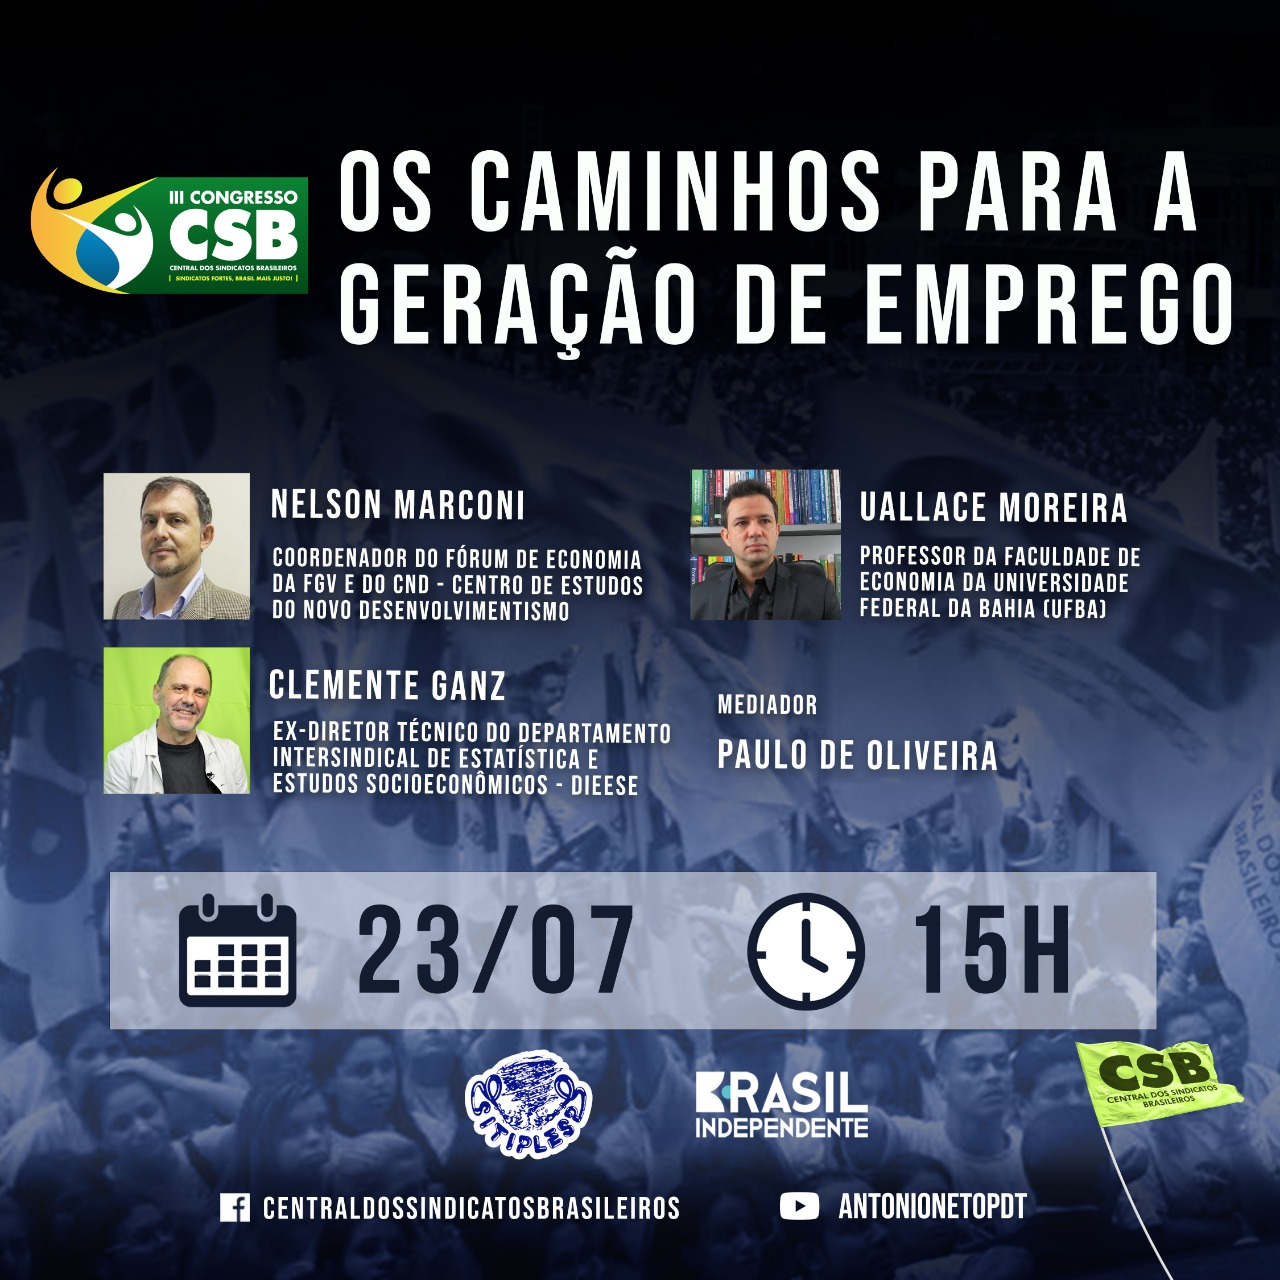 Nelson Marconi, Uallace Moreira e Clemente Ganz falam sobre geração de empregos. Se inscreva AQUI!